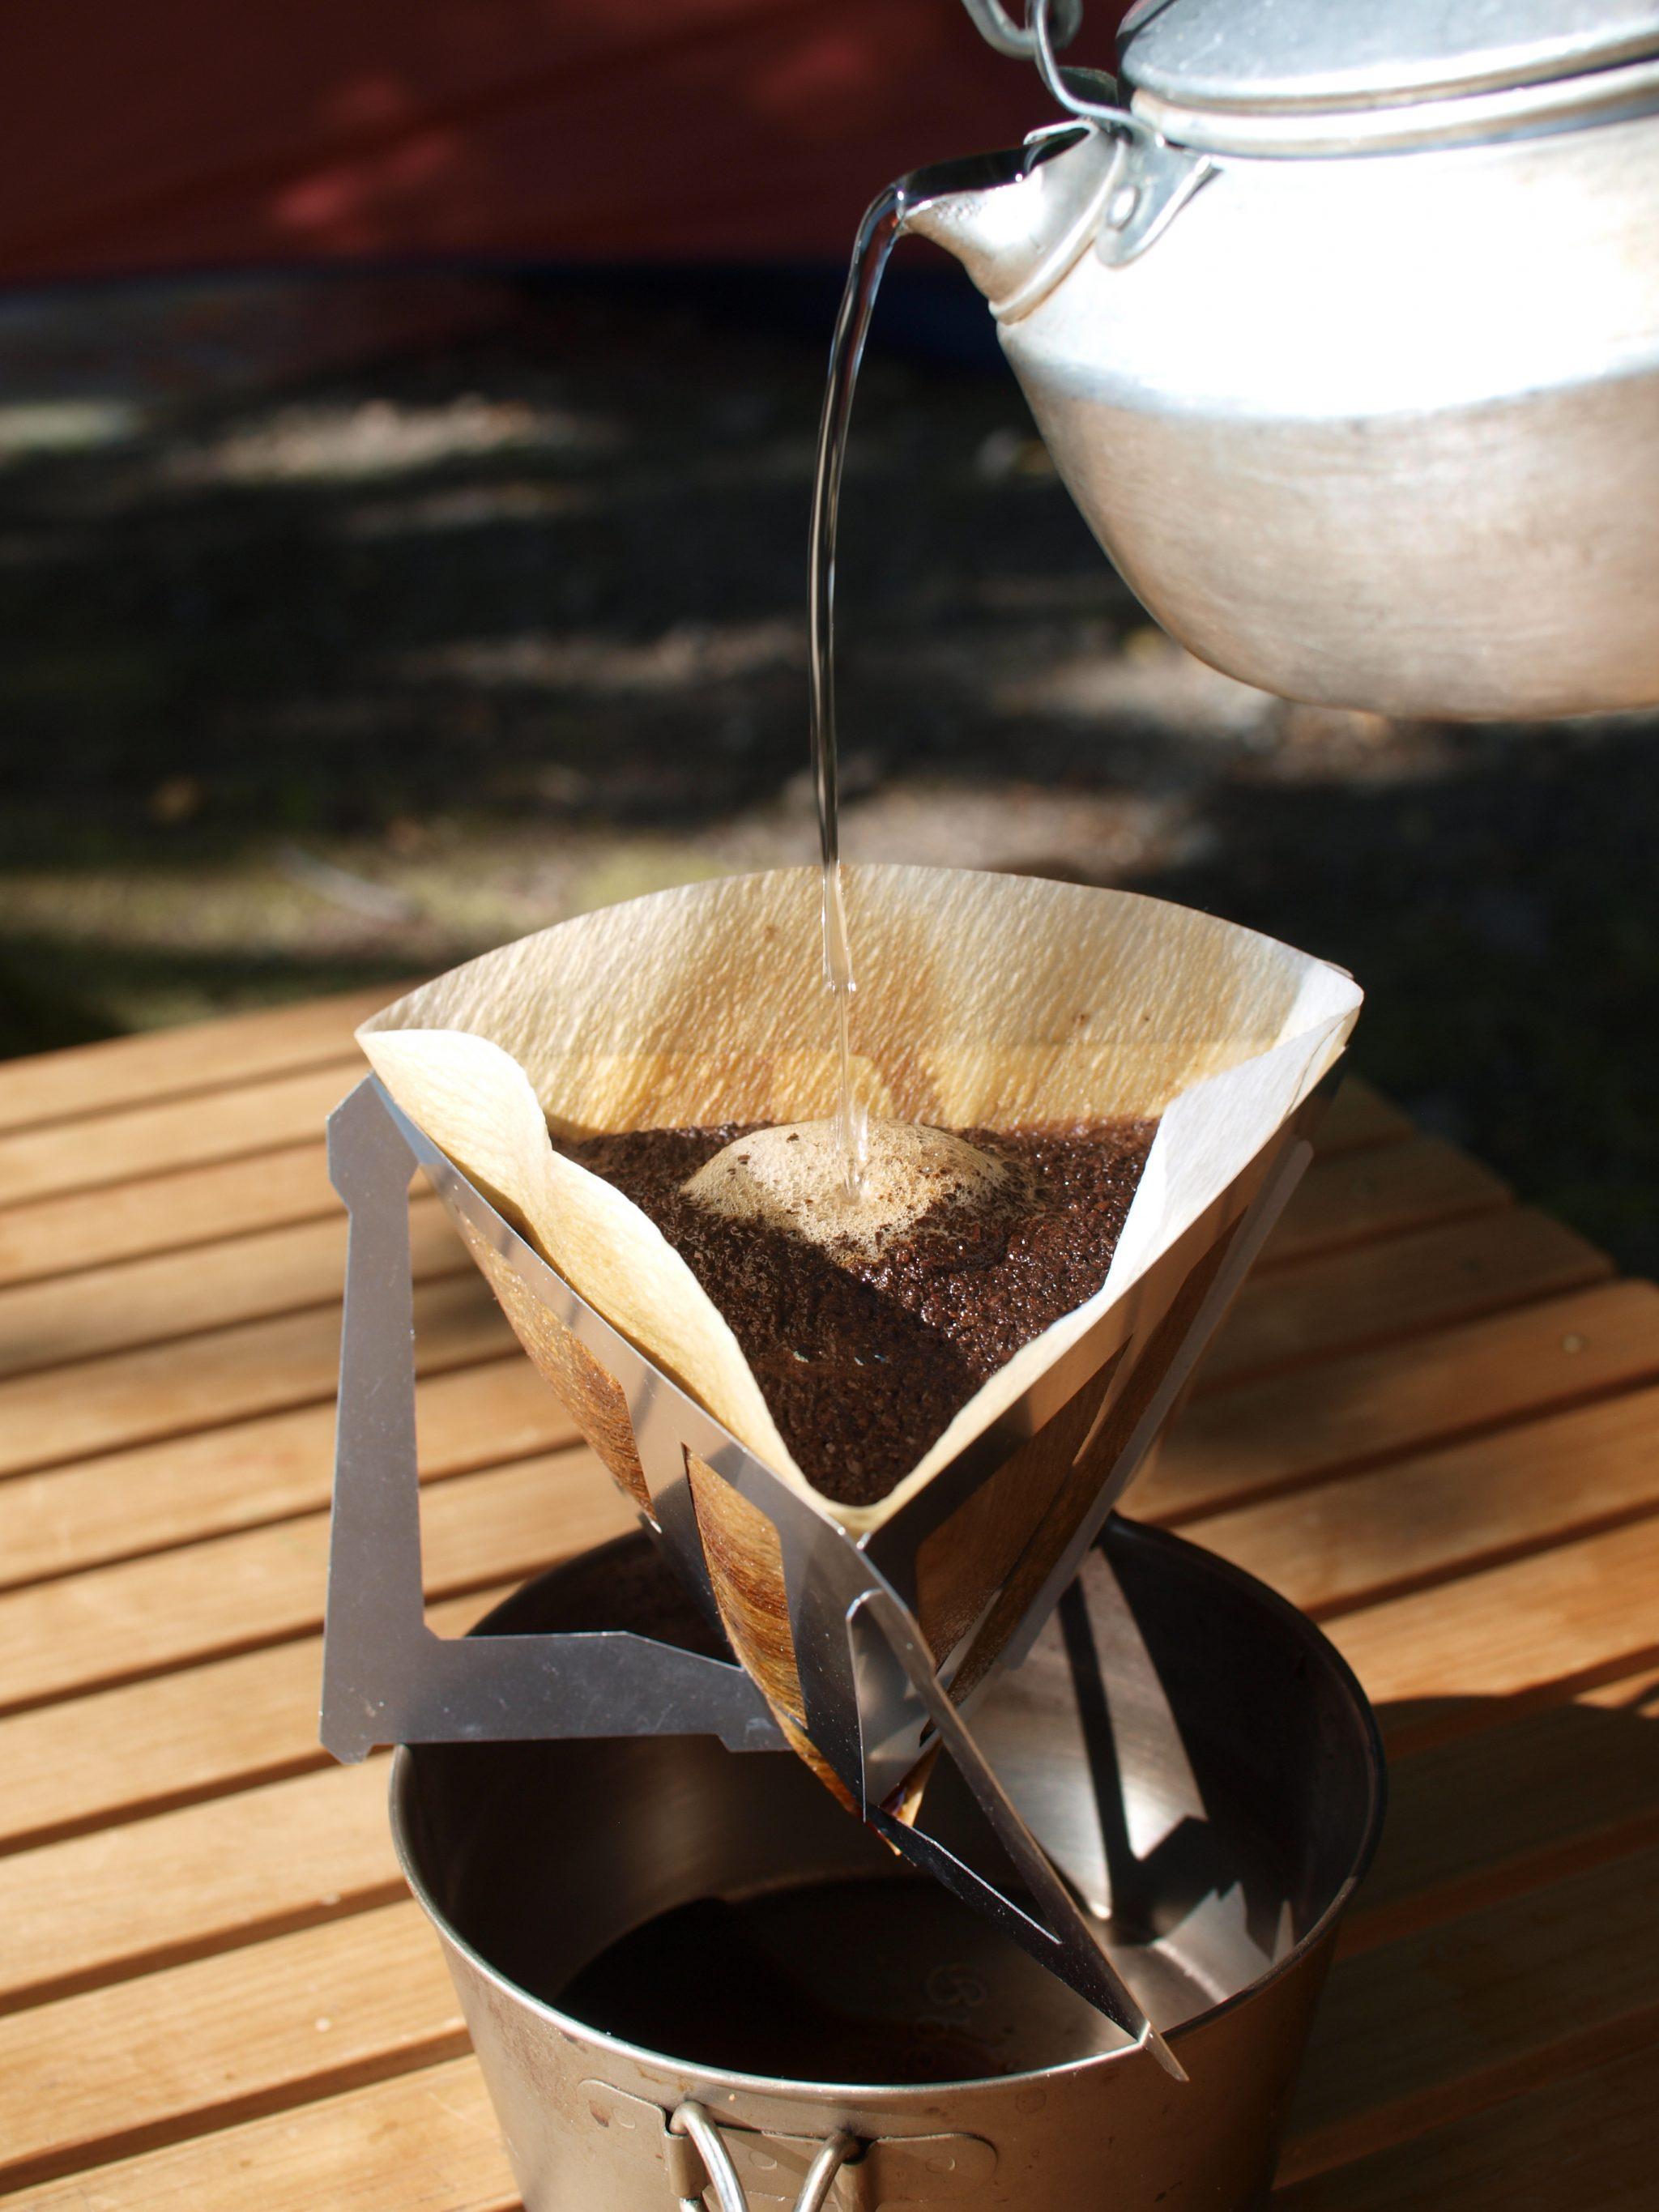 日本製 【MUNIEQ】Tetra Drip 攜帶型濾泡咖啡架 01S